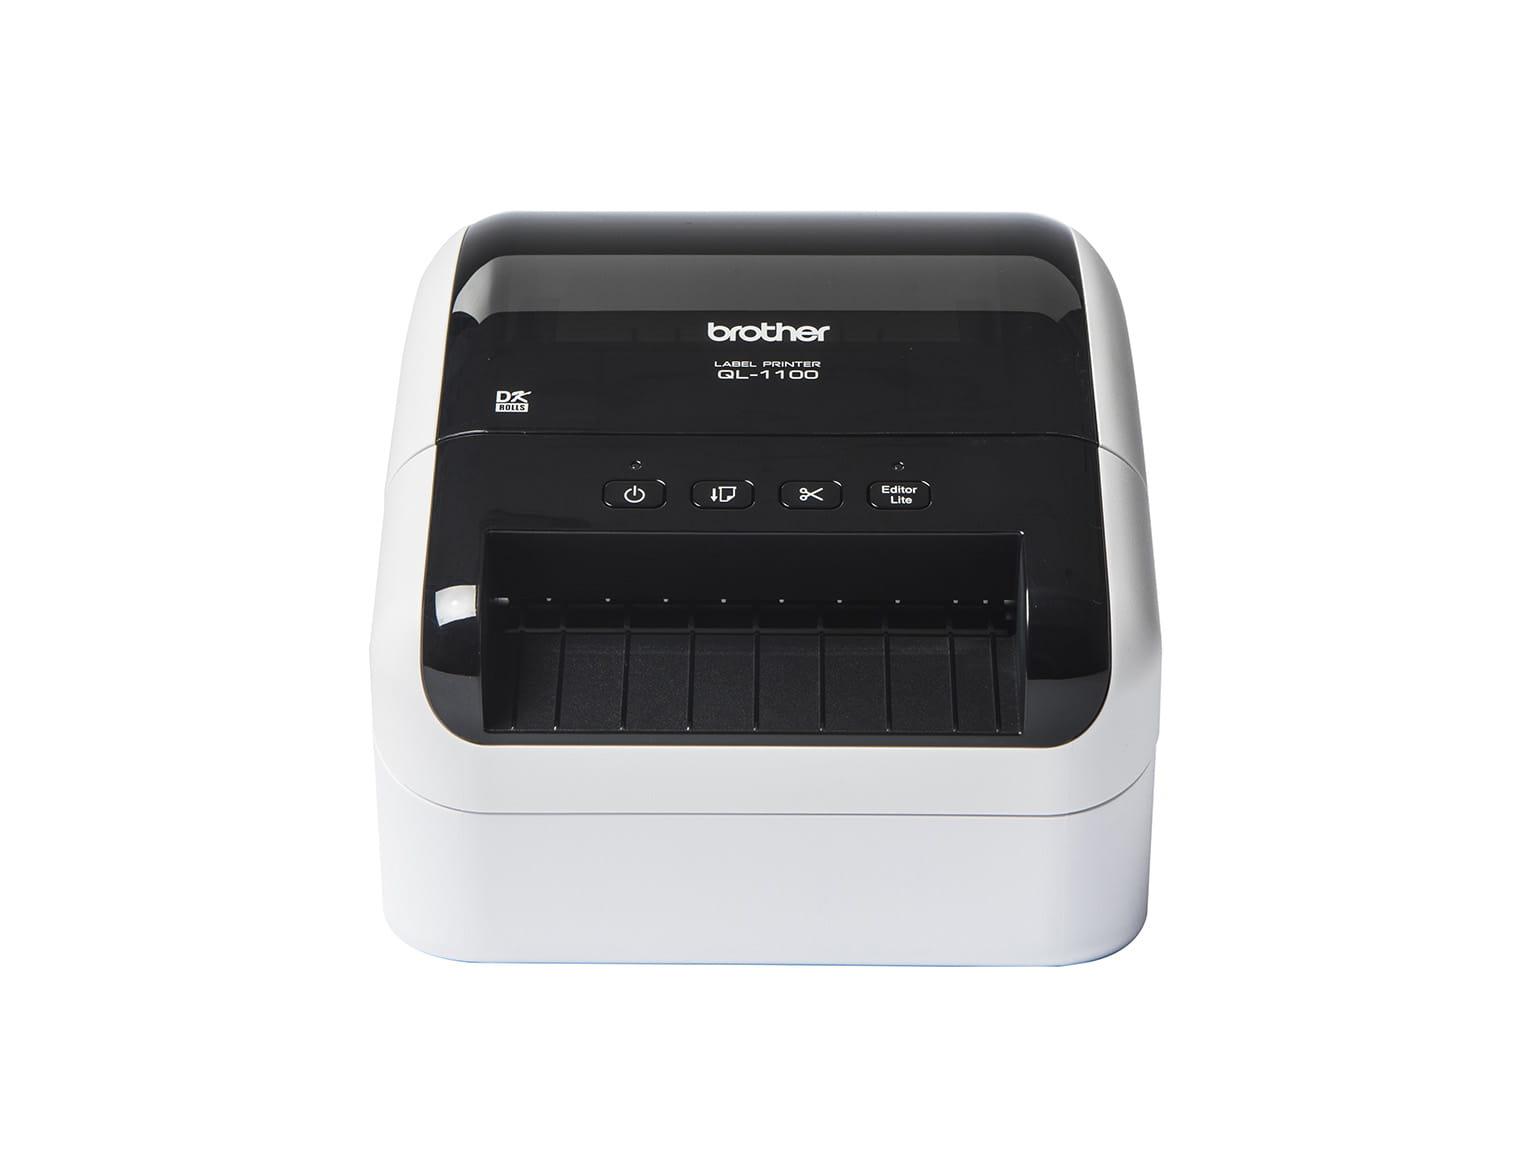 Gama de imprimante de etichete Brother QL-1100